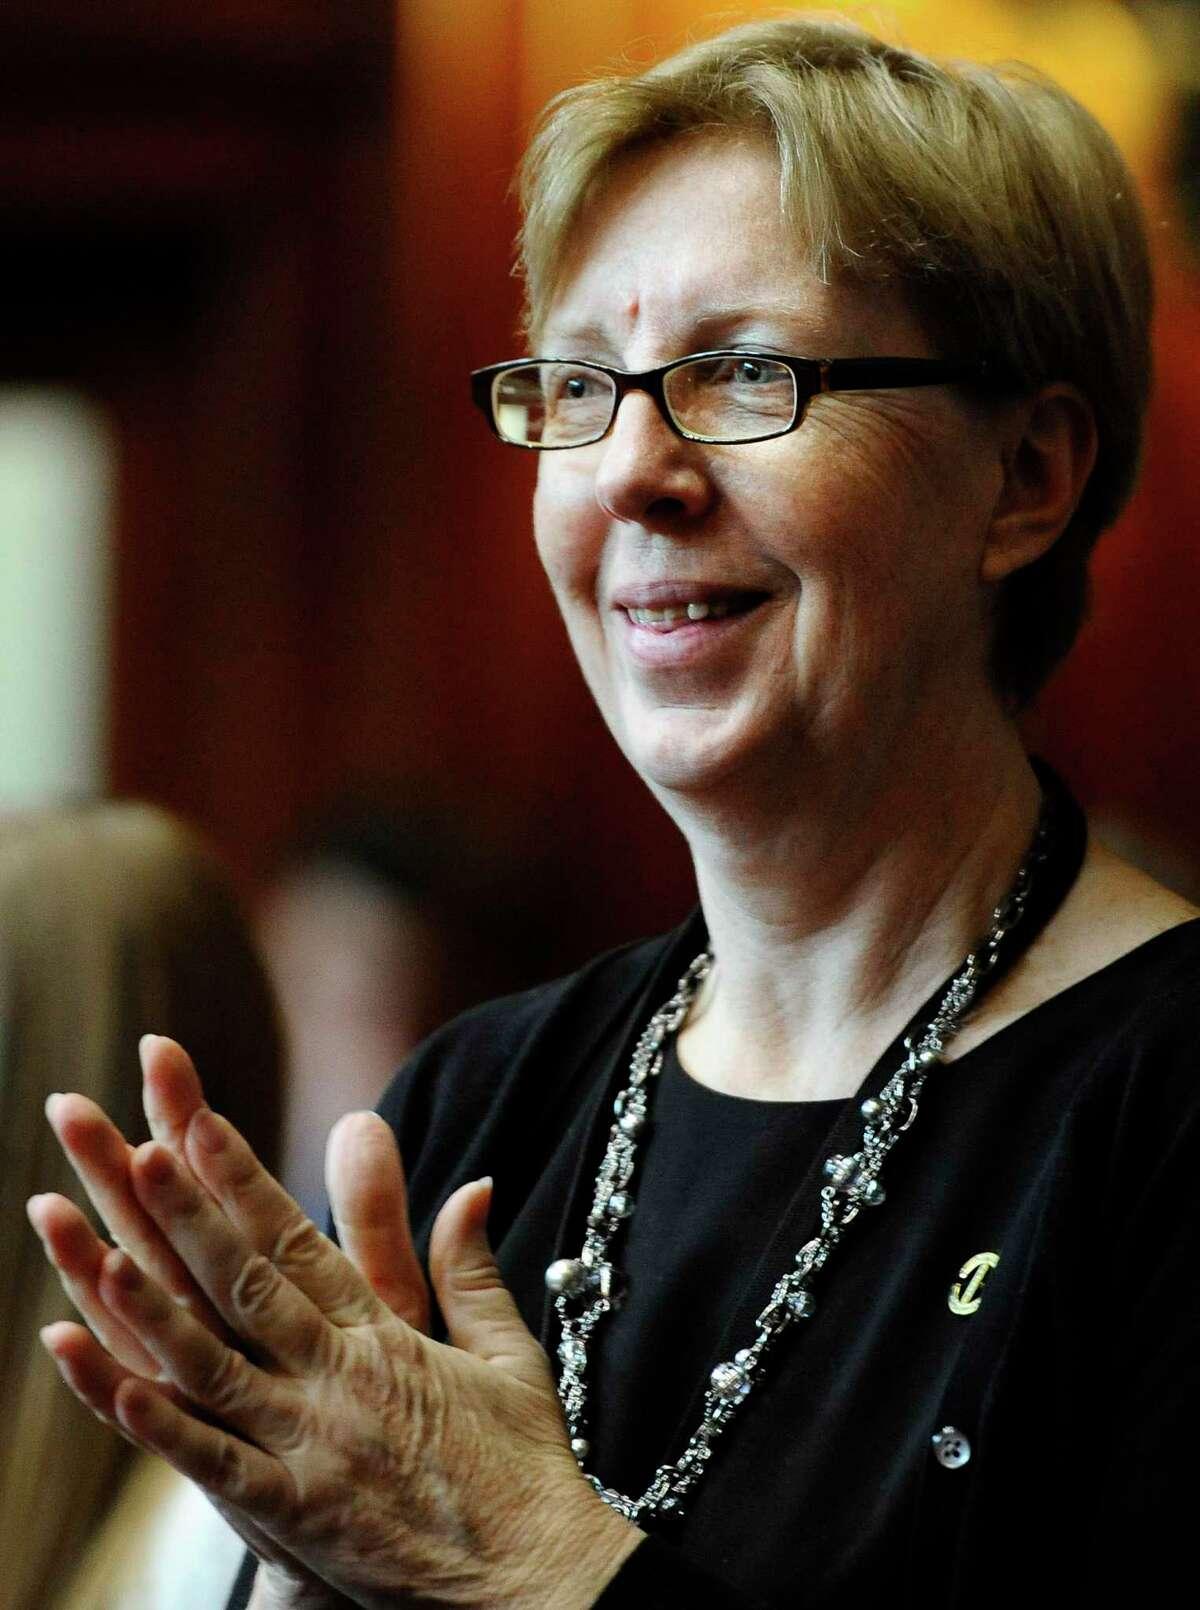 State Sen. Cathy Osten, D-Sprague